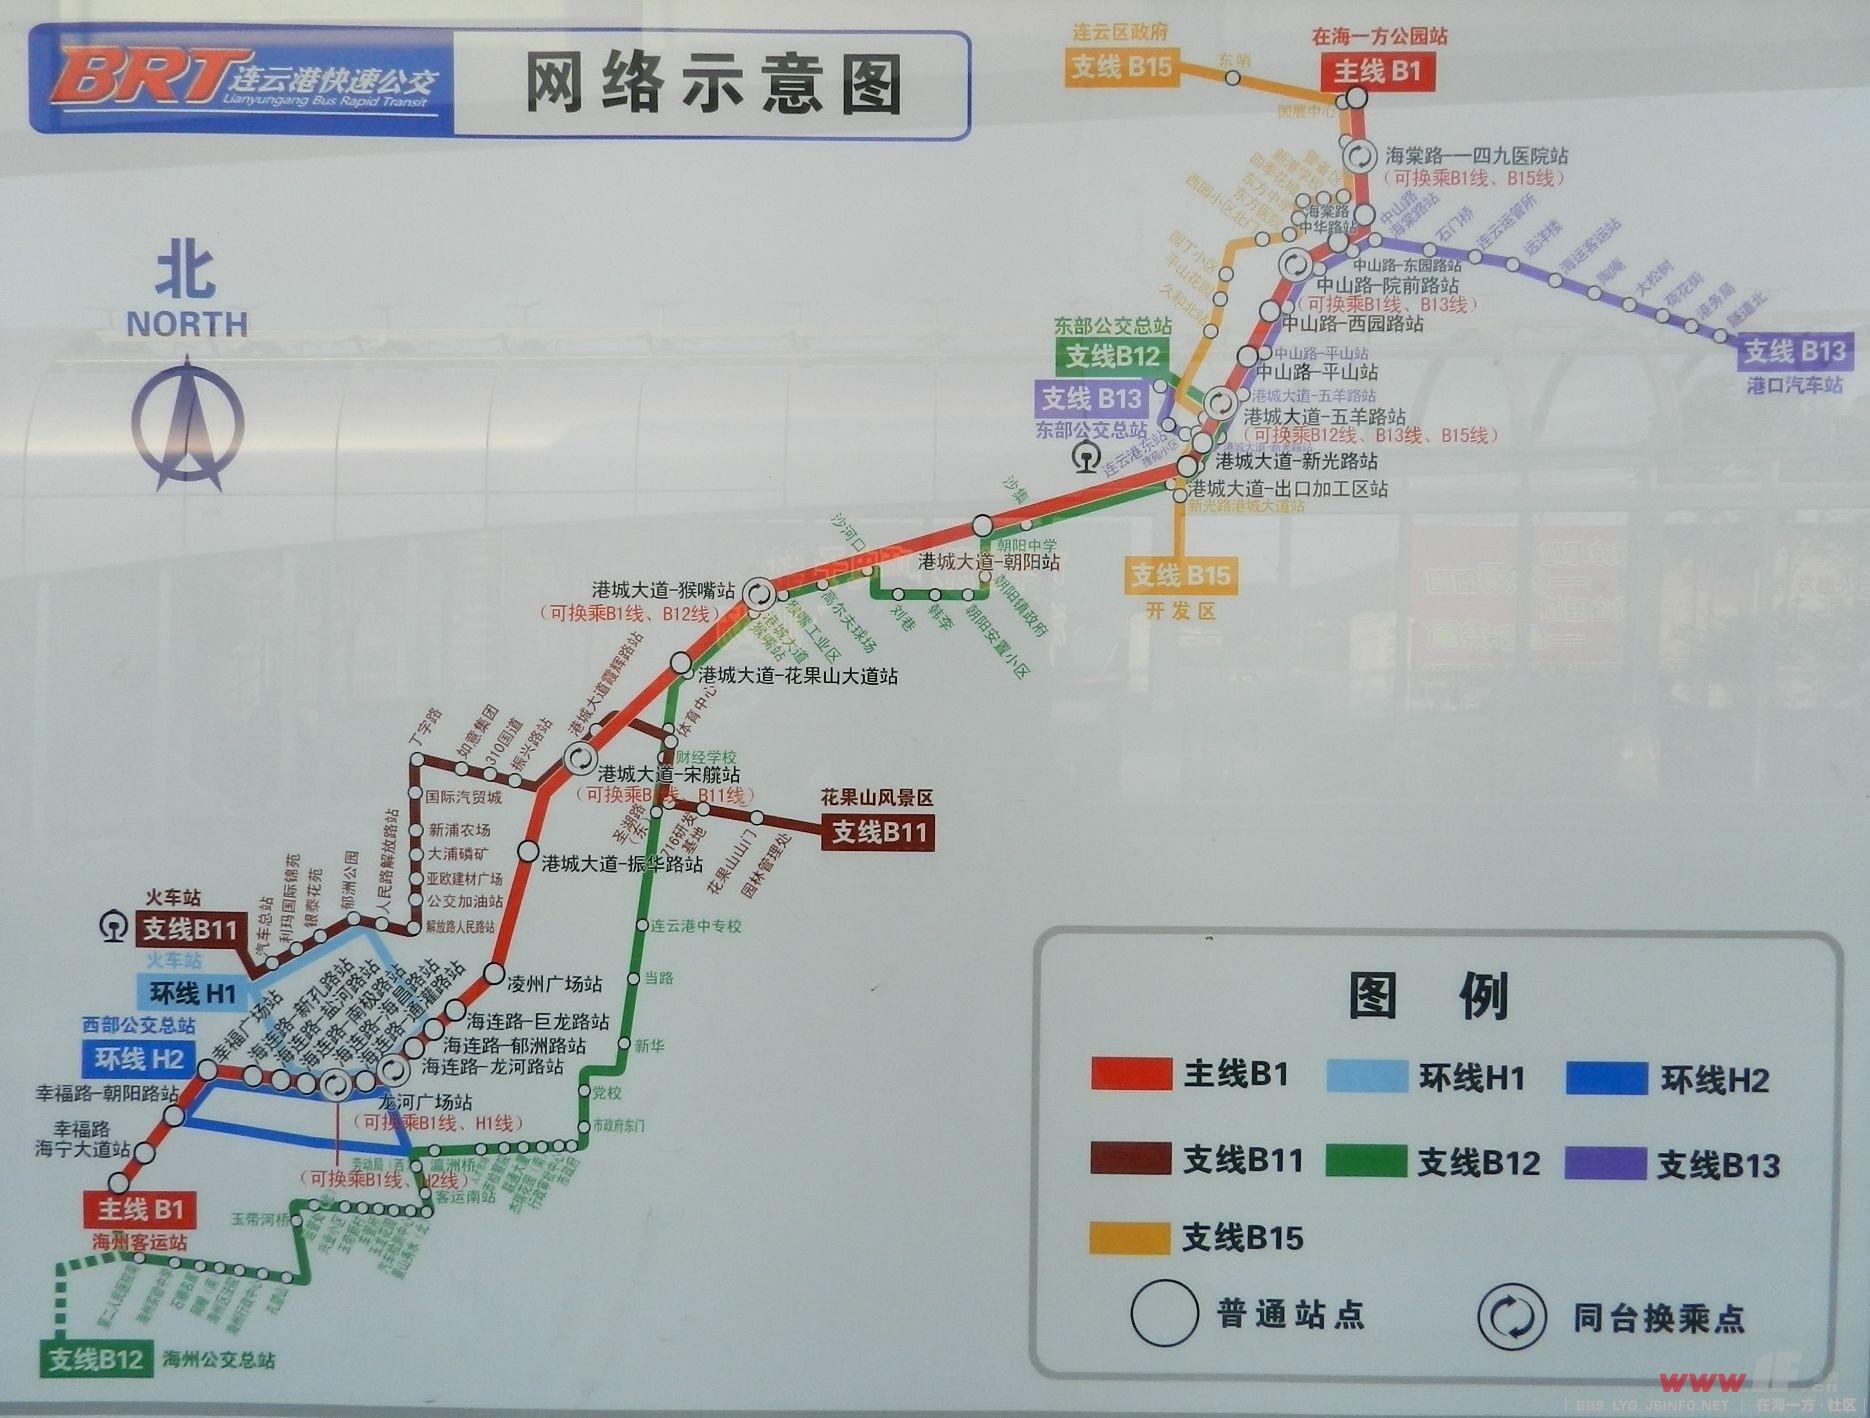 连云港BRT公交路线图图片